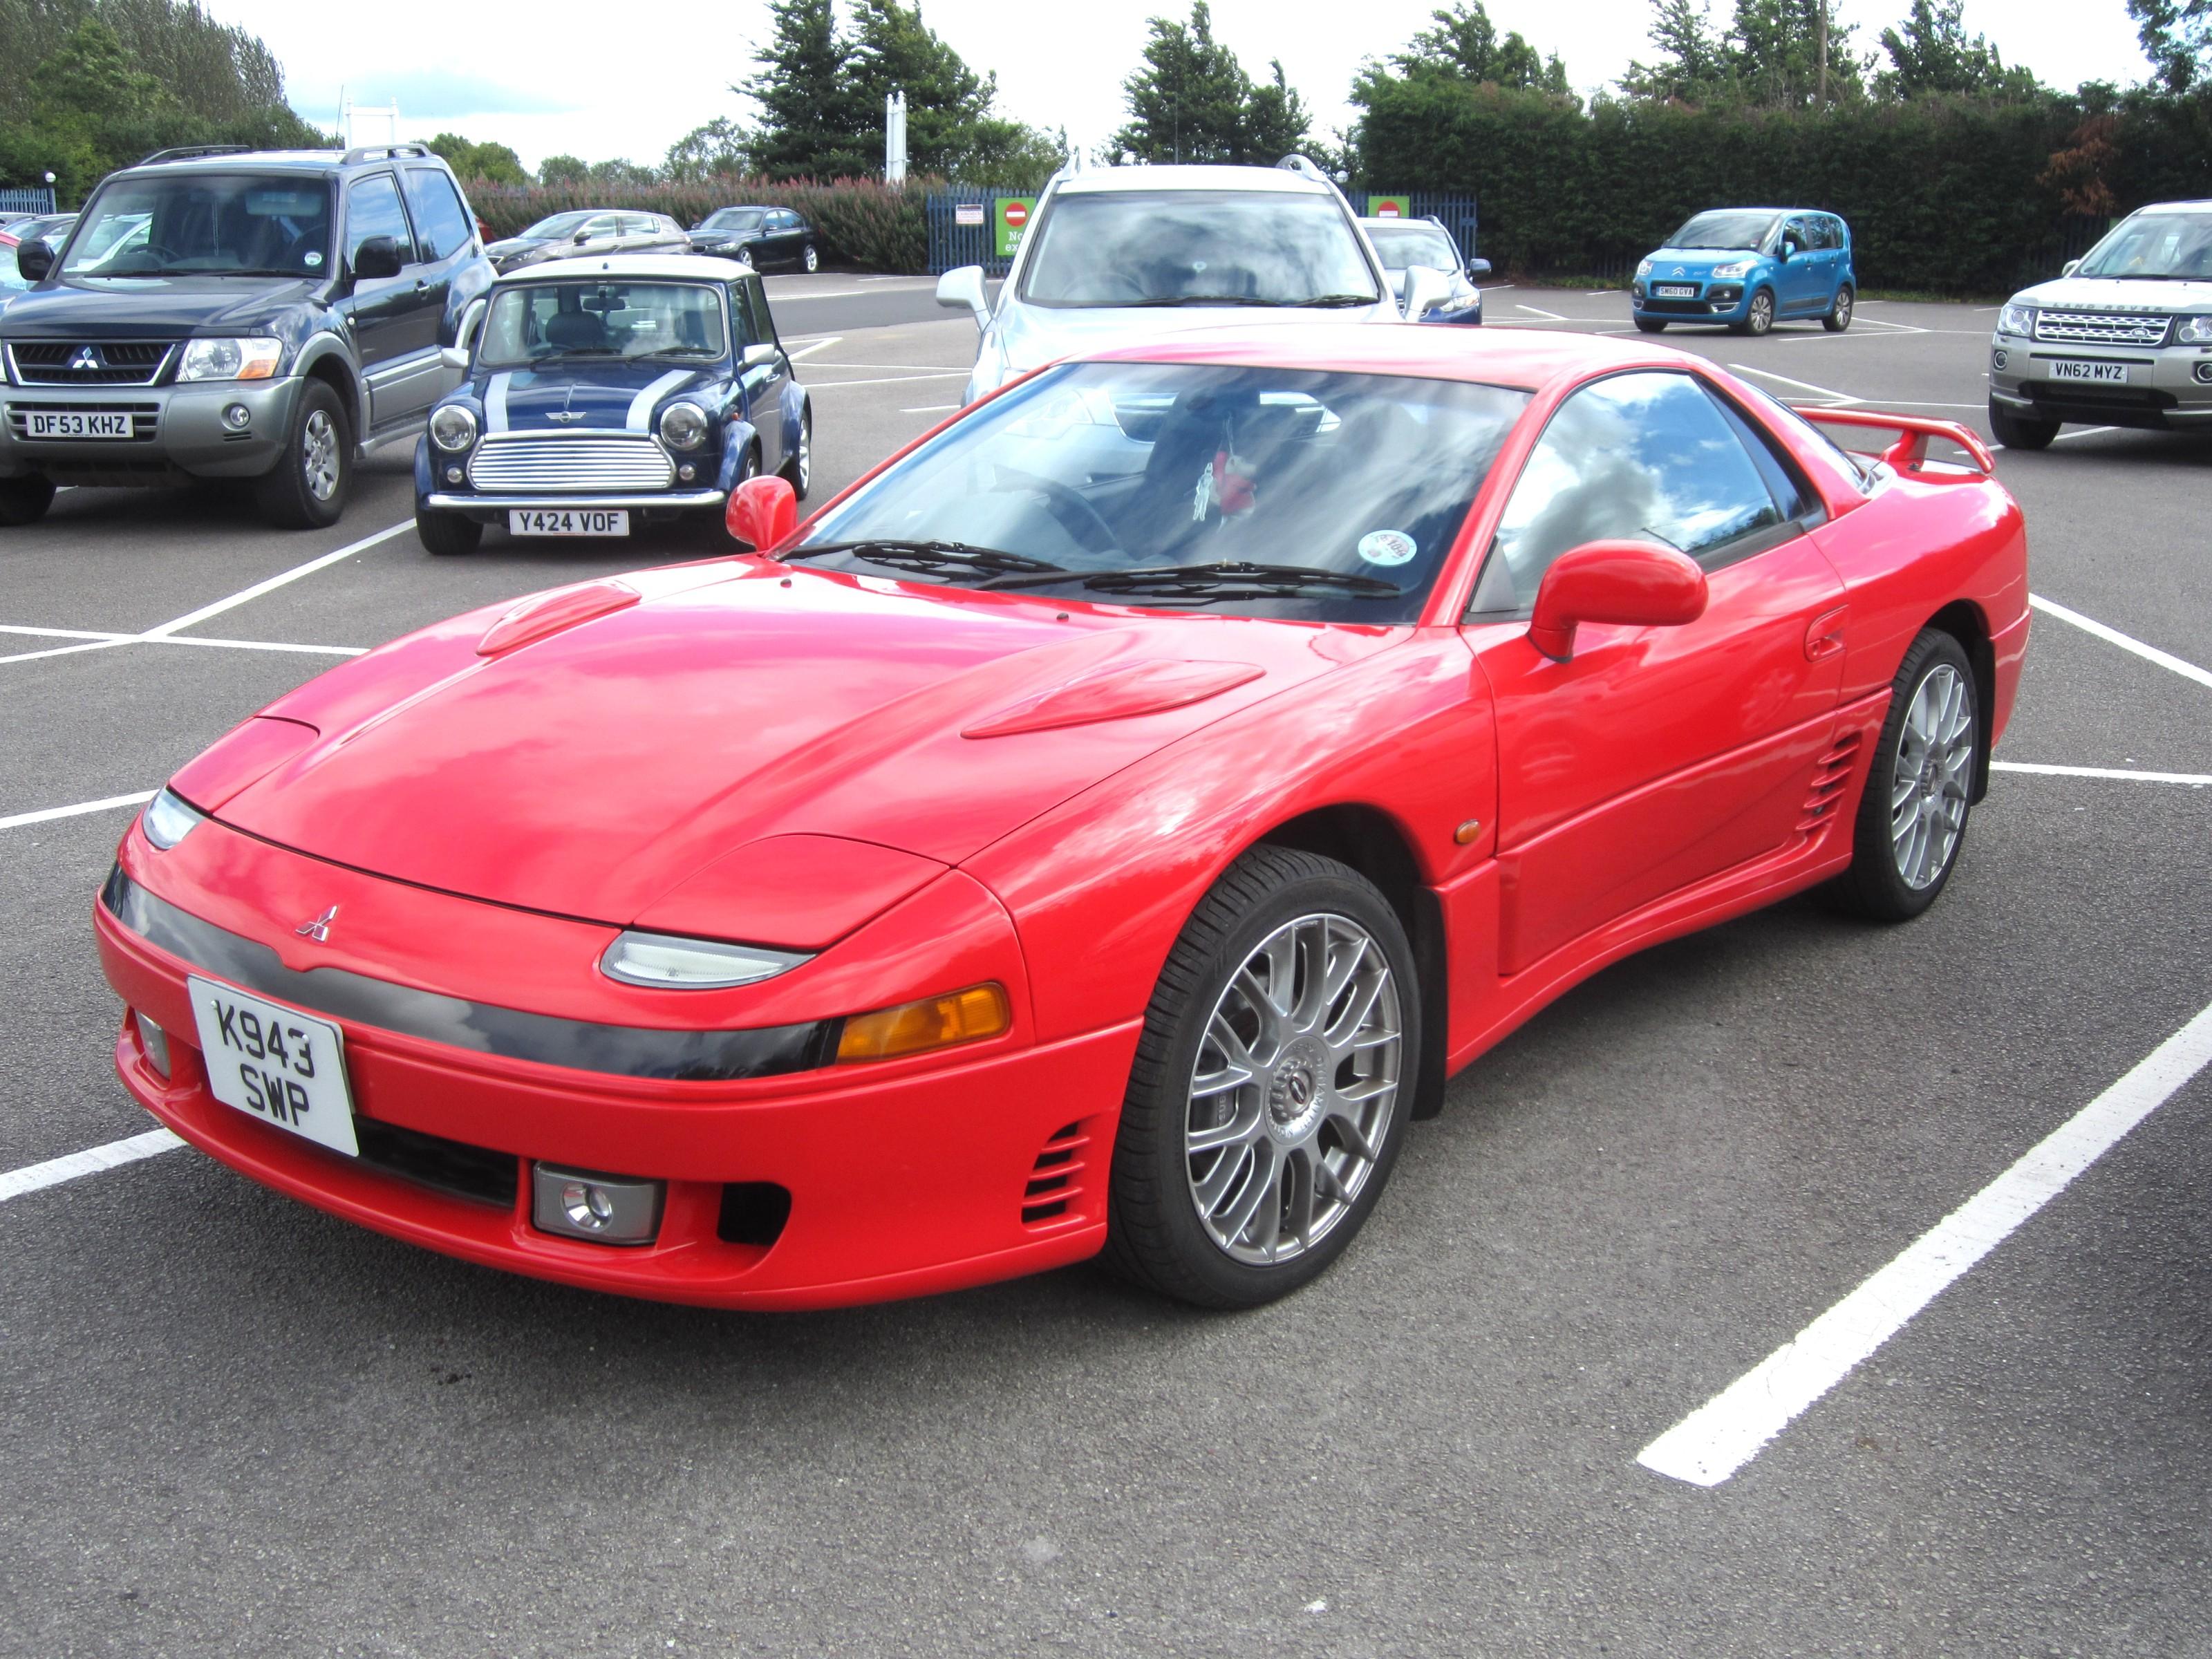 Mitsubishi-GTO-K-943-SWP-1.jpg